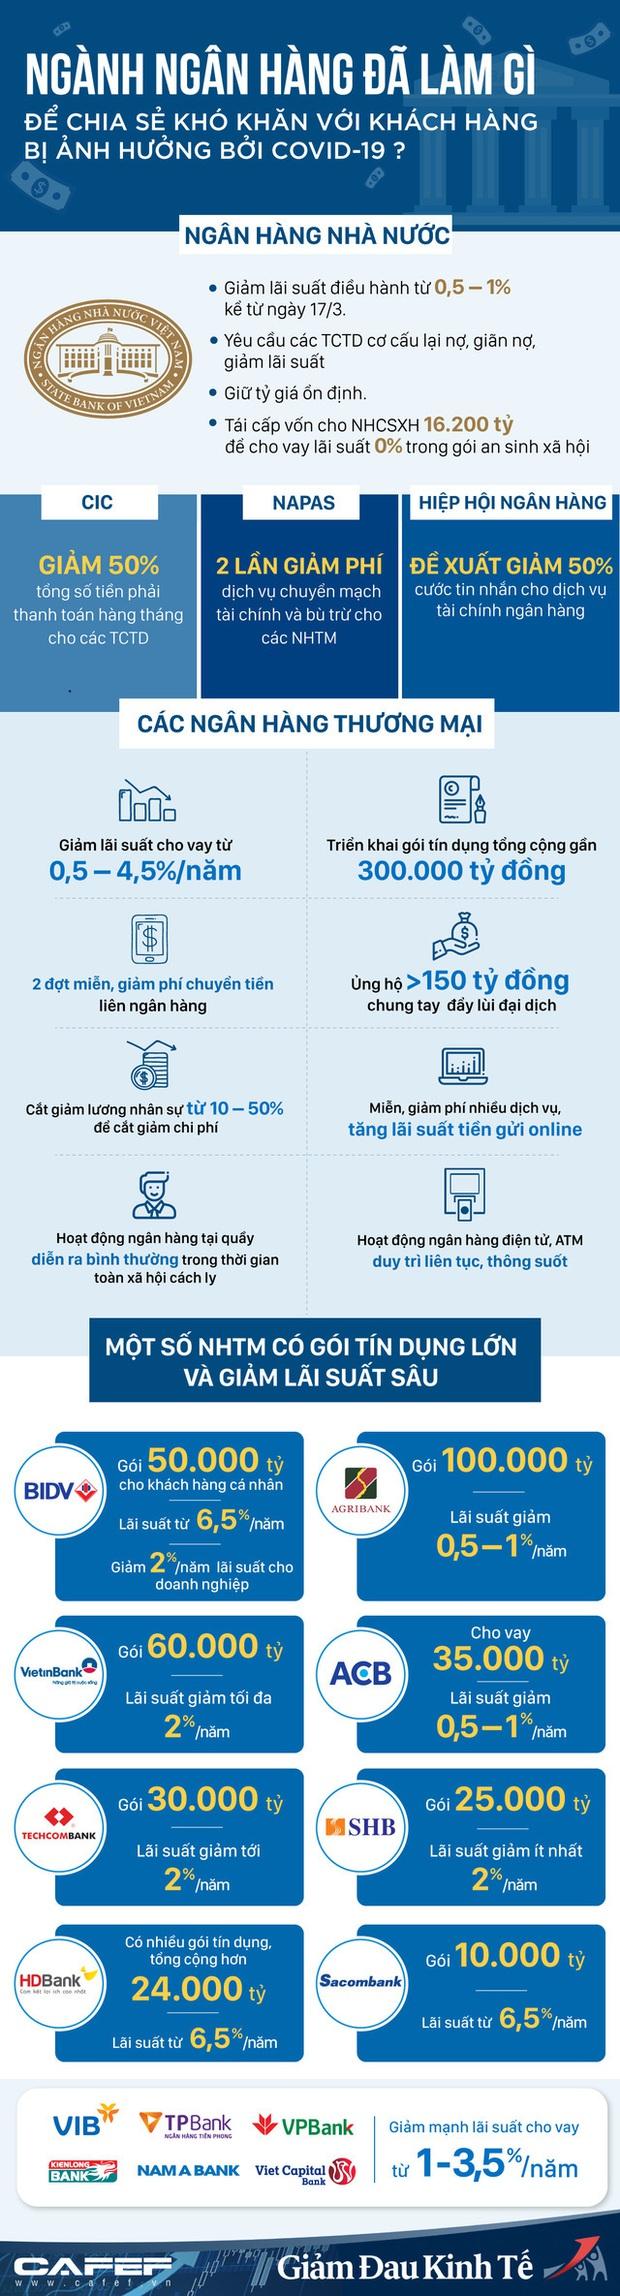 Infographic: Ngành ngân hàng đã làm gì để chia sẻ khó khăn với khách hàng bị ảnh hưởng bởi Covid-19? - Ảnh 1.